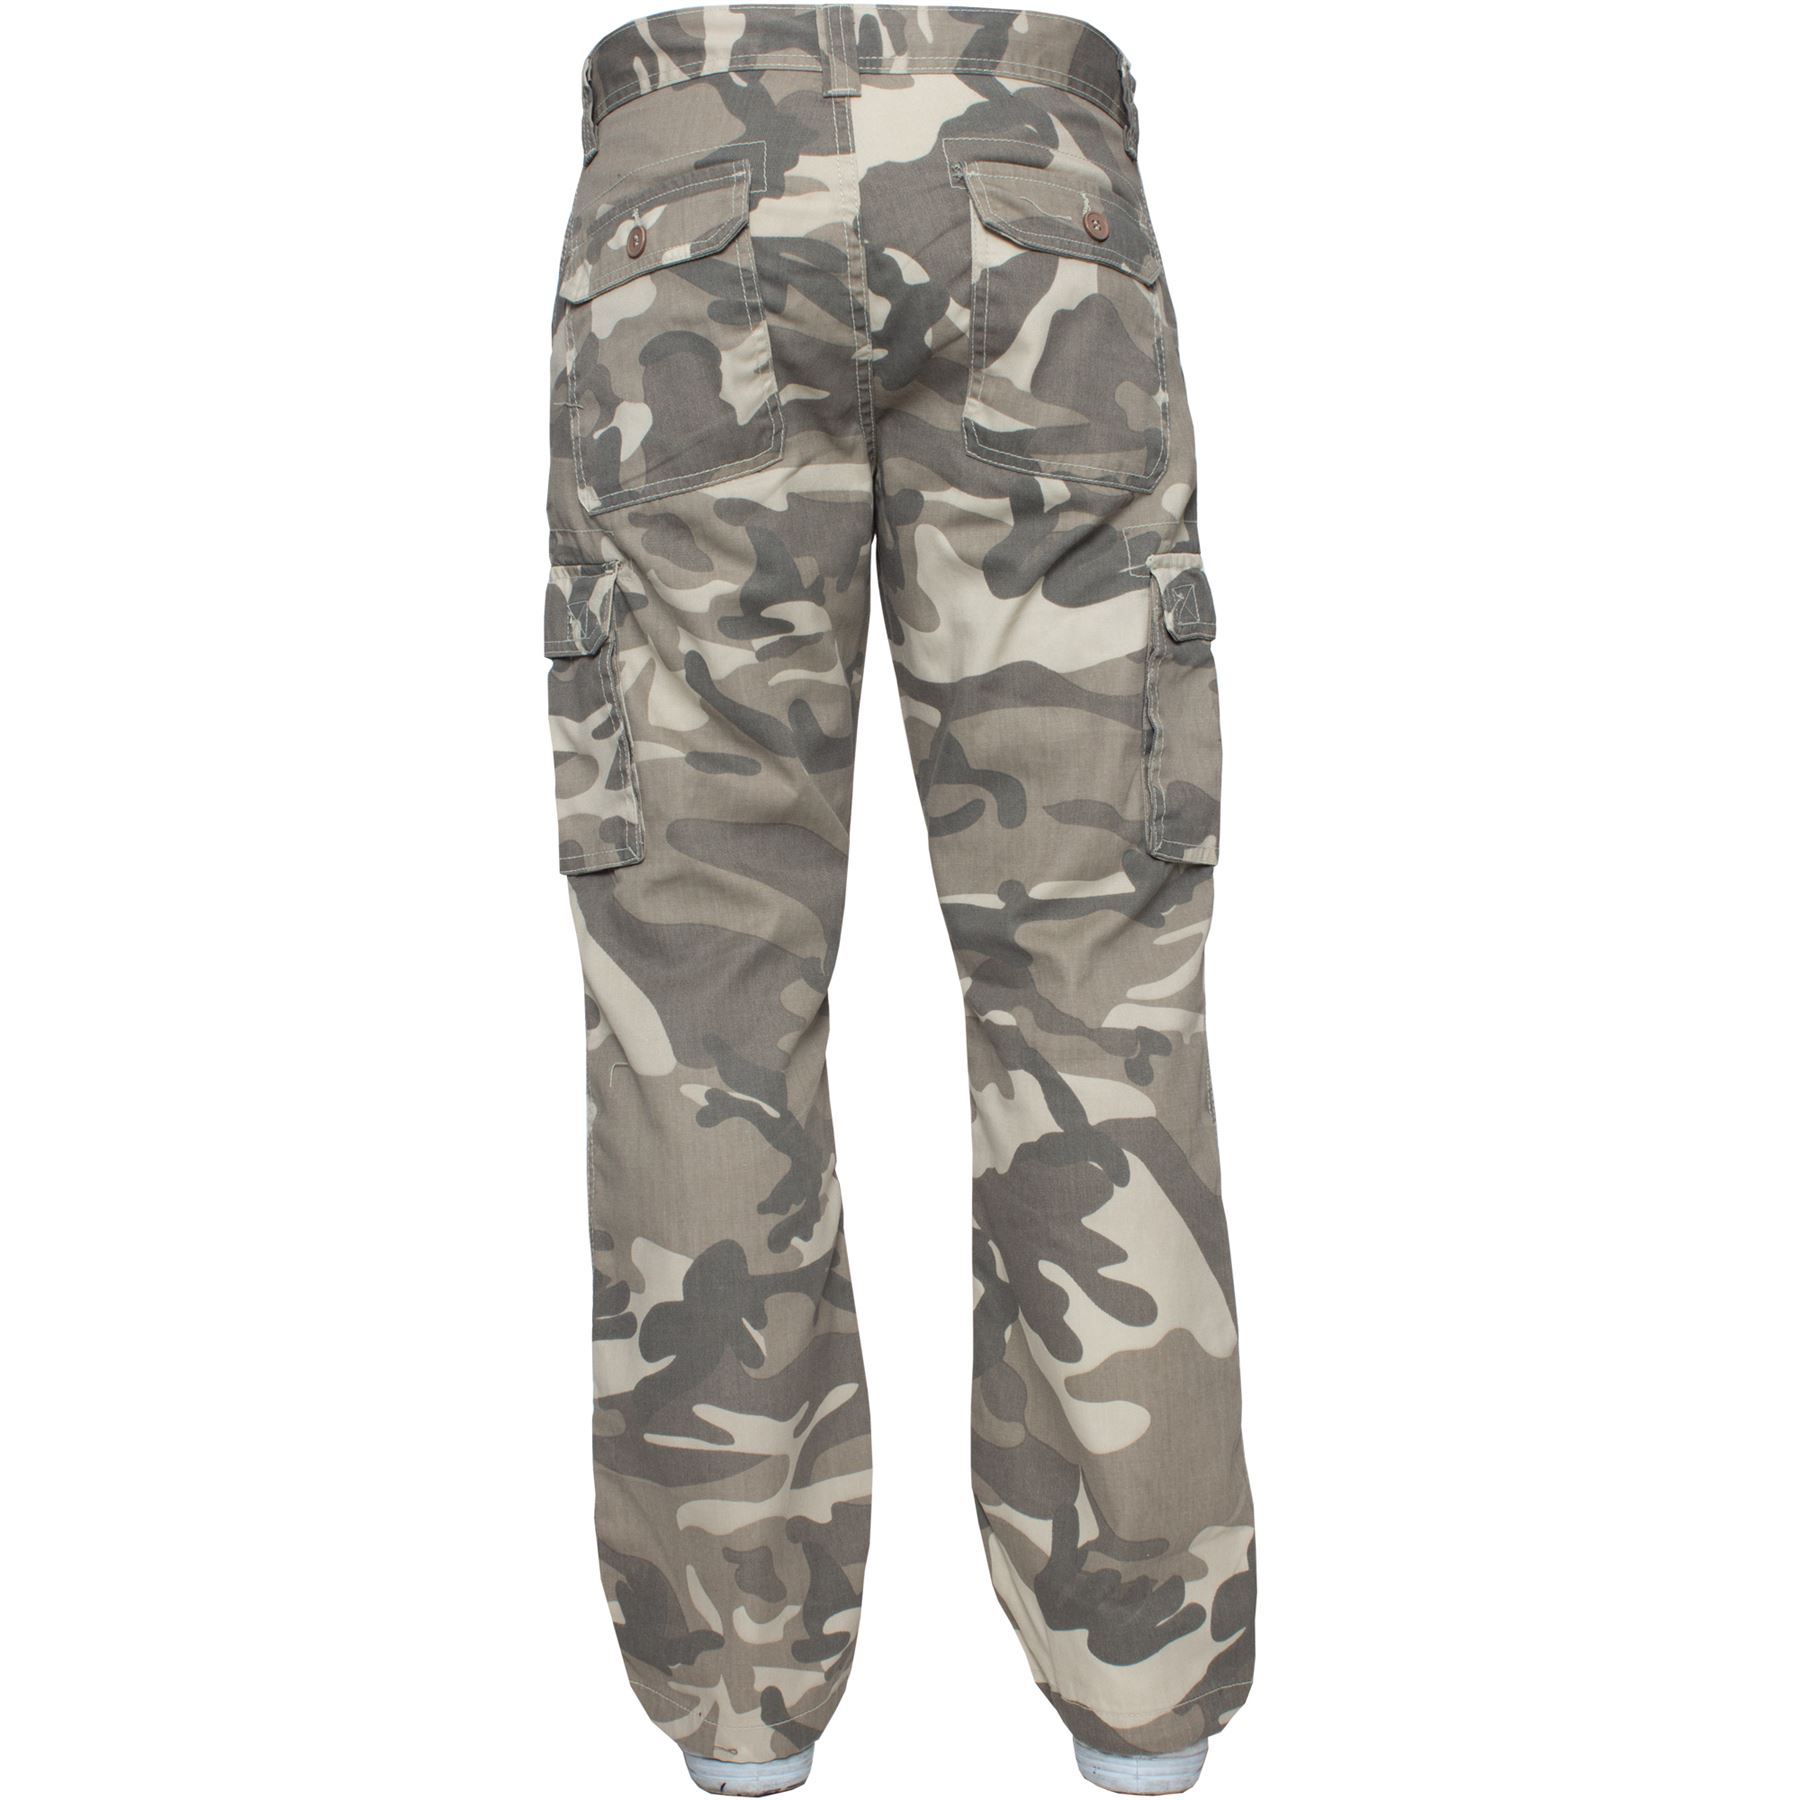 Kruze-Uomo-Militare-Pantaloni-Camouflage-Cargo-Mimetico-Casual-Lavoro miniatura 7